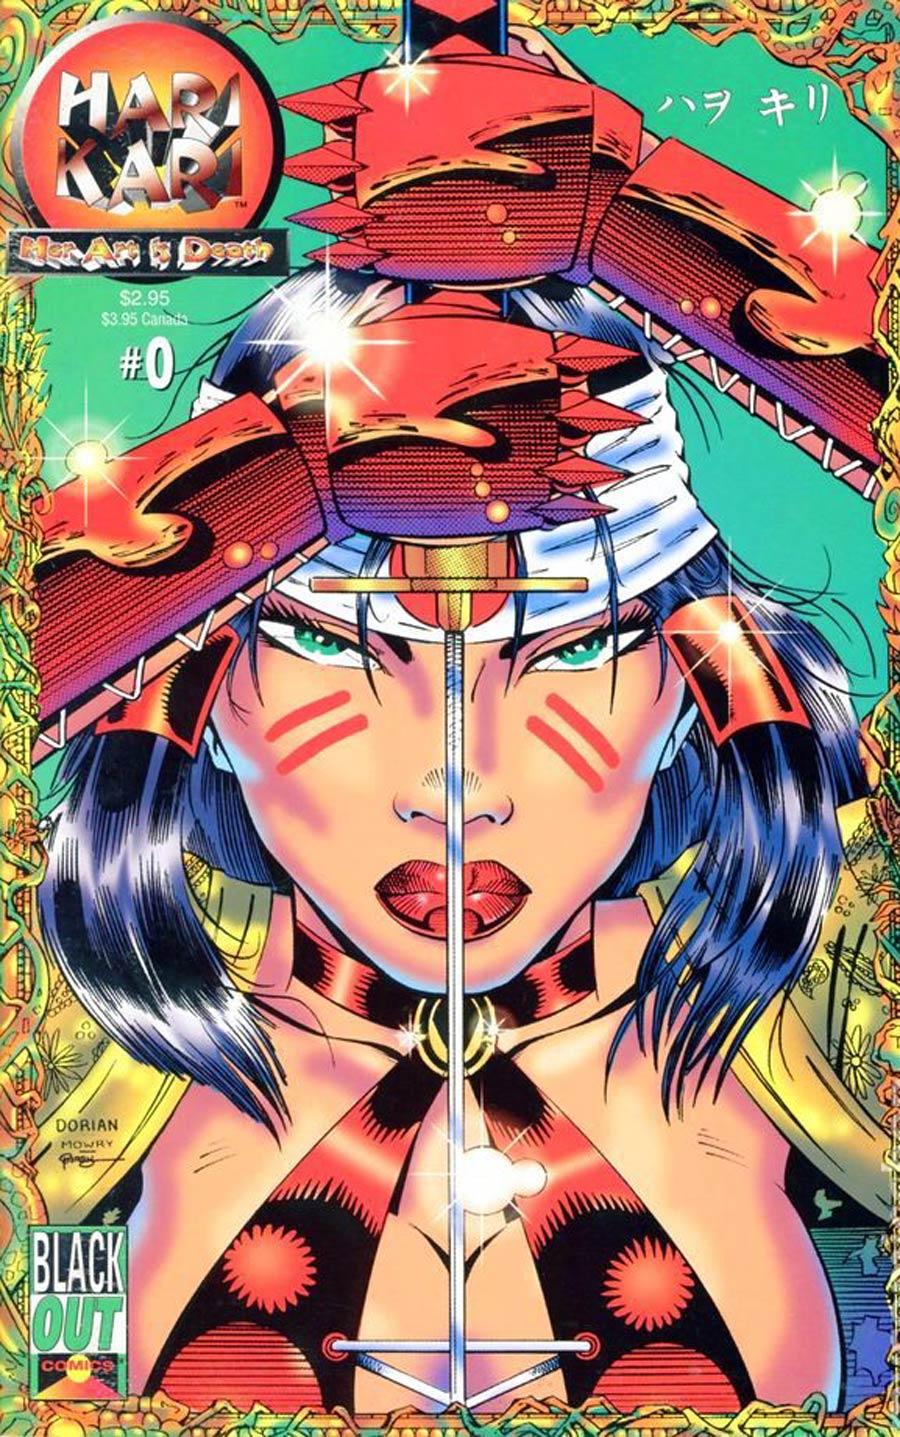 Hari Kari #0 Cover A